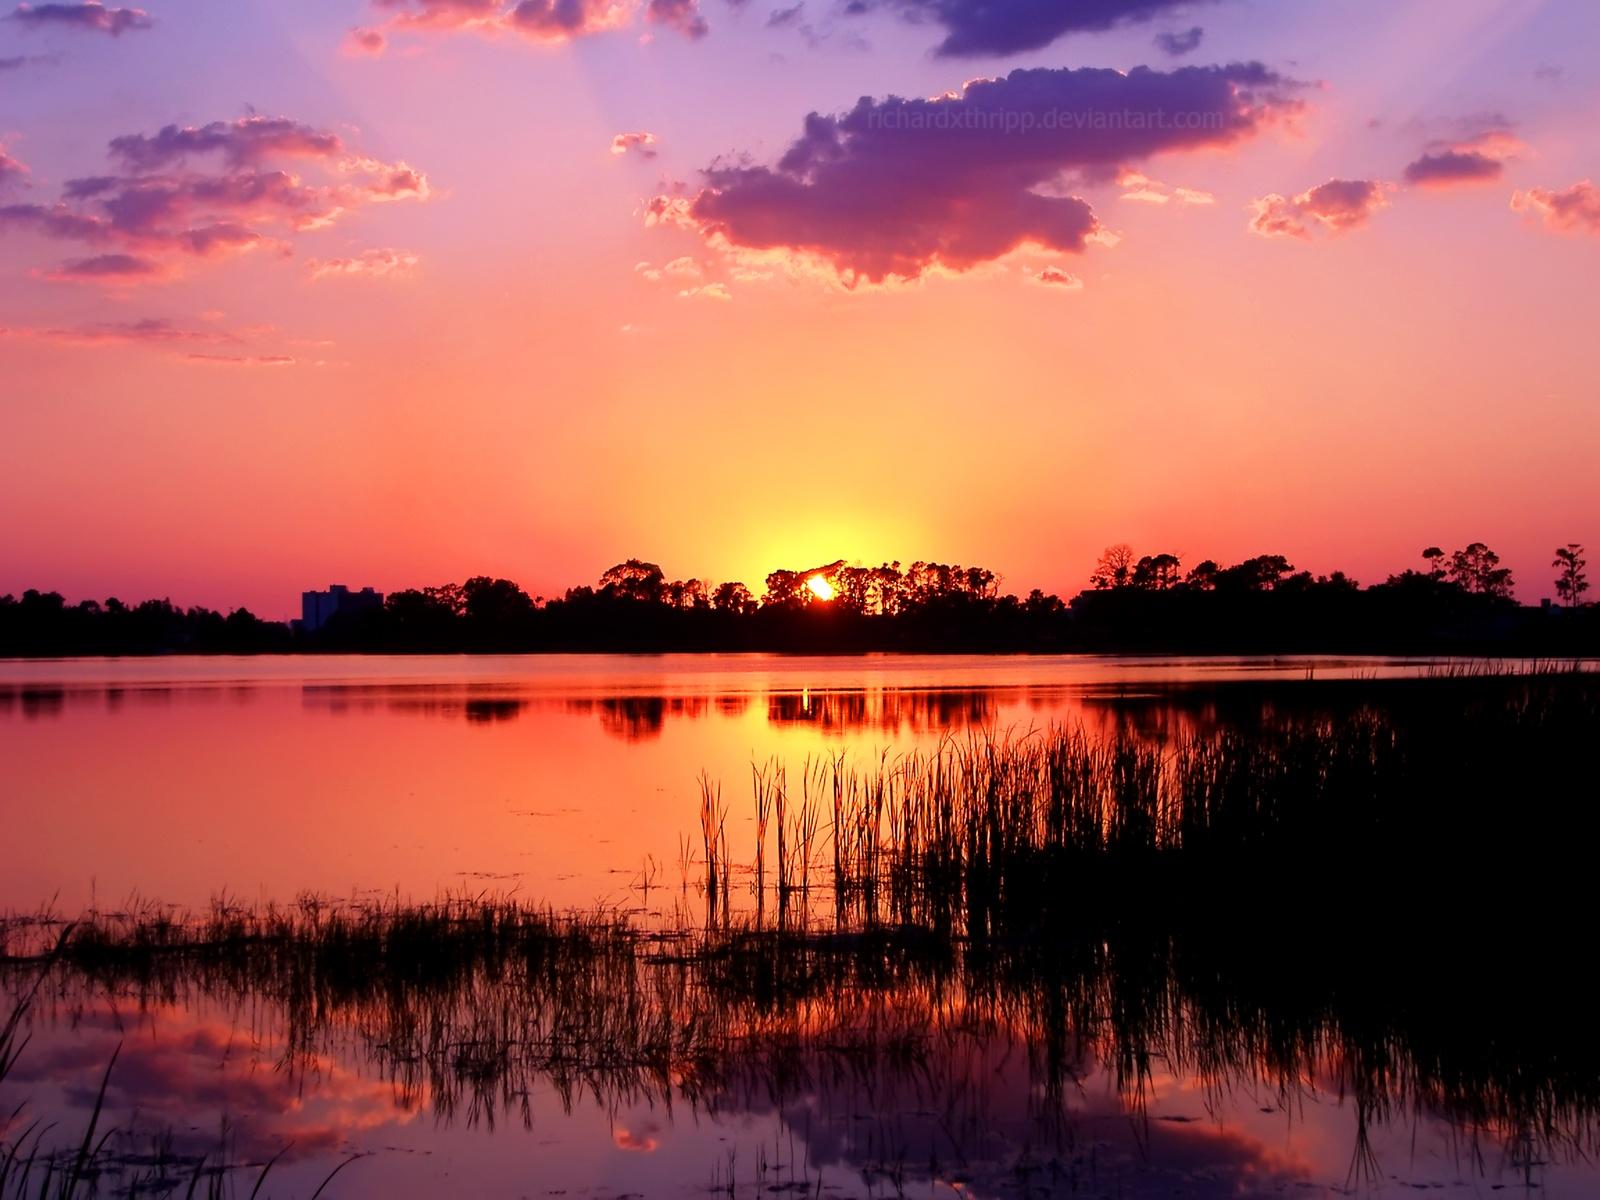 sunset Desktop Wallpapers 1600x1200